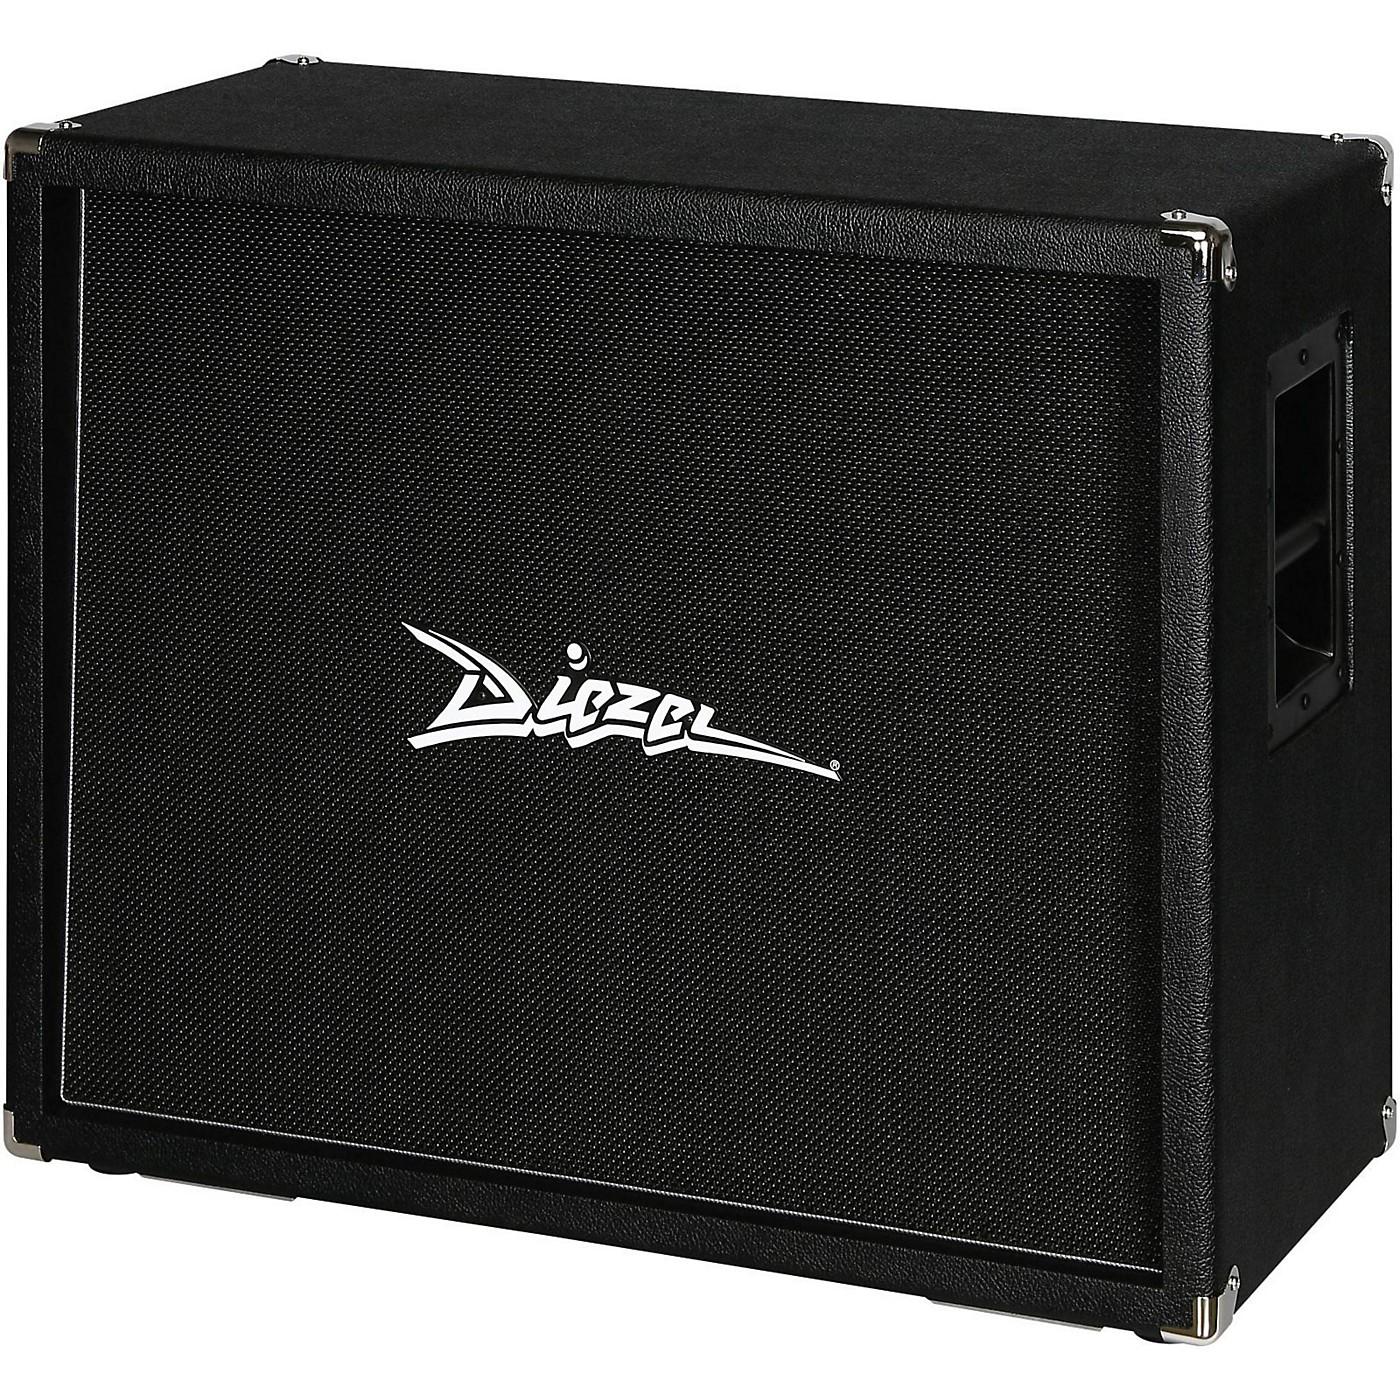 Diezel 212RK 200W 2x12 Rear-Loaded Guitar Speaker Cabinet thumbnail